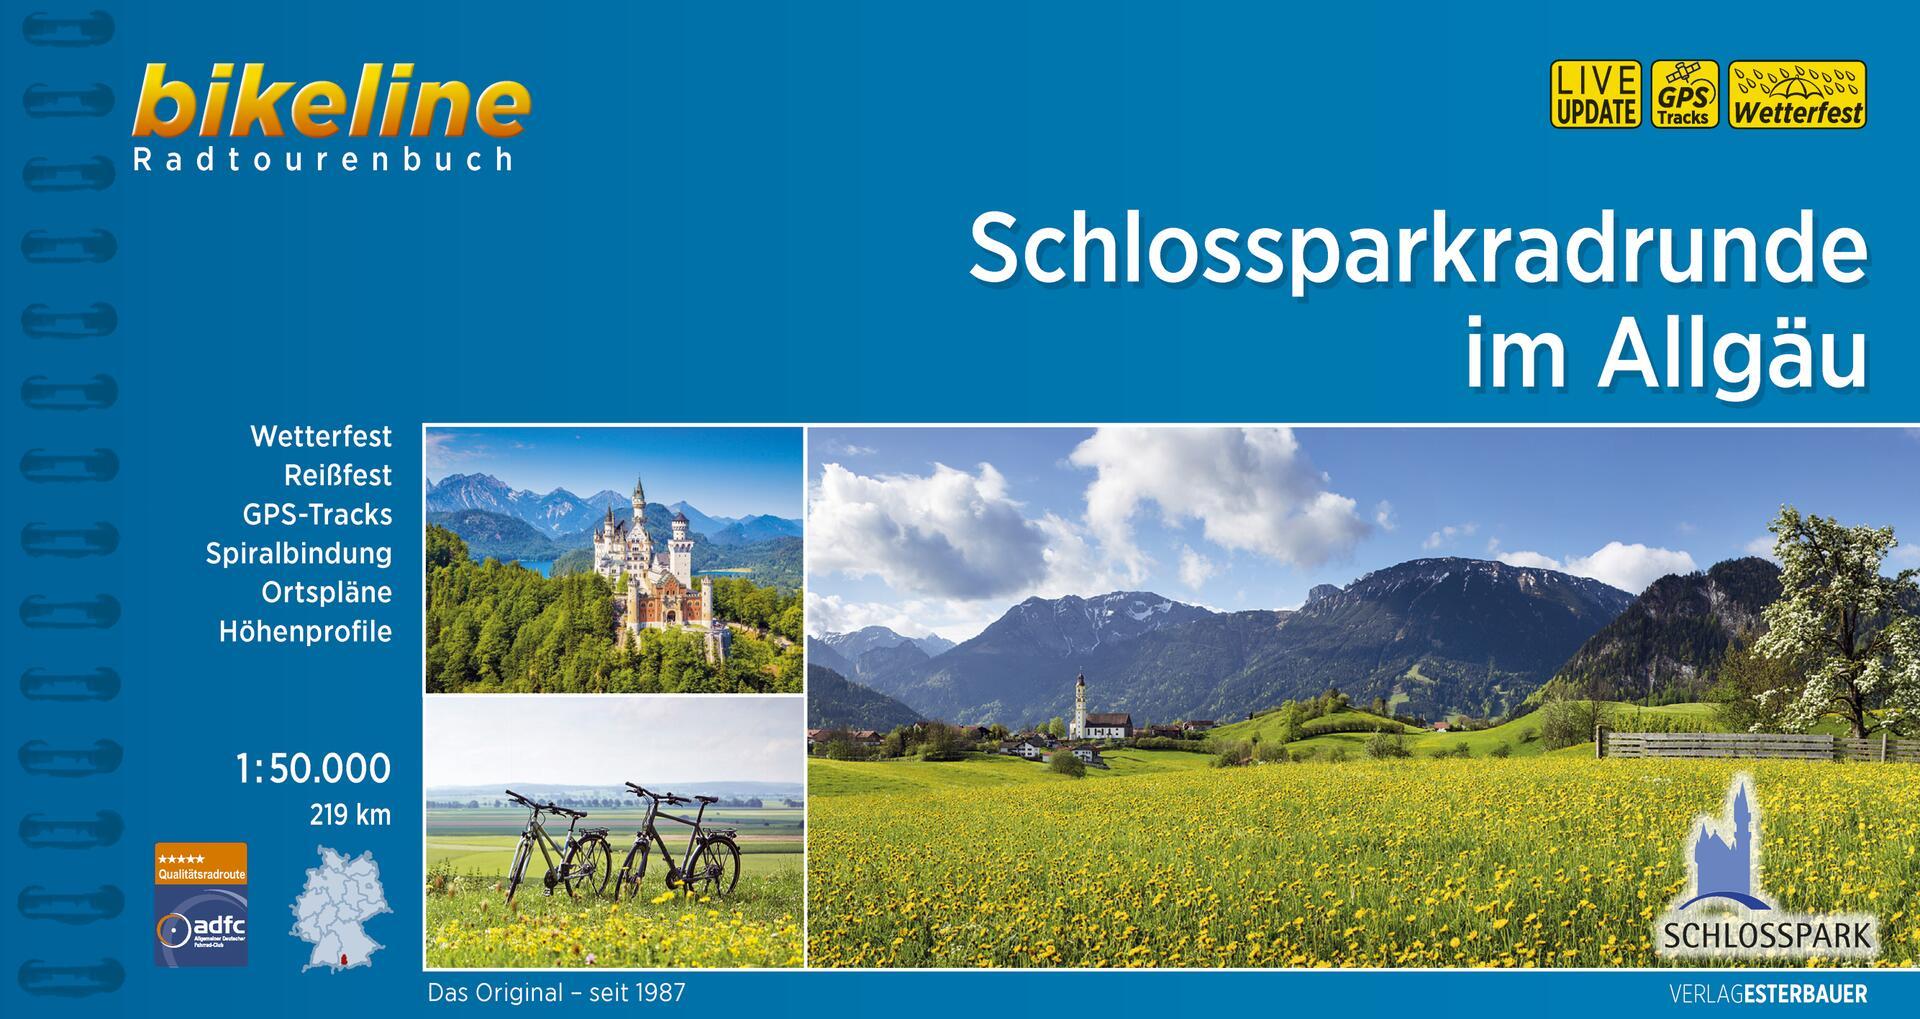 Foto vom Schlossparkradrunde im Allgäu